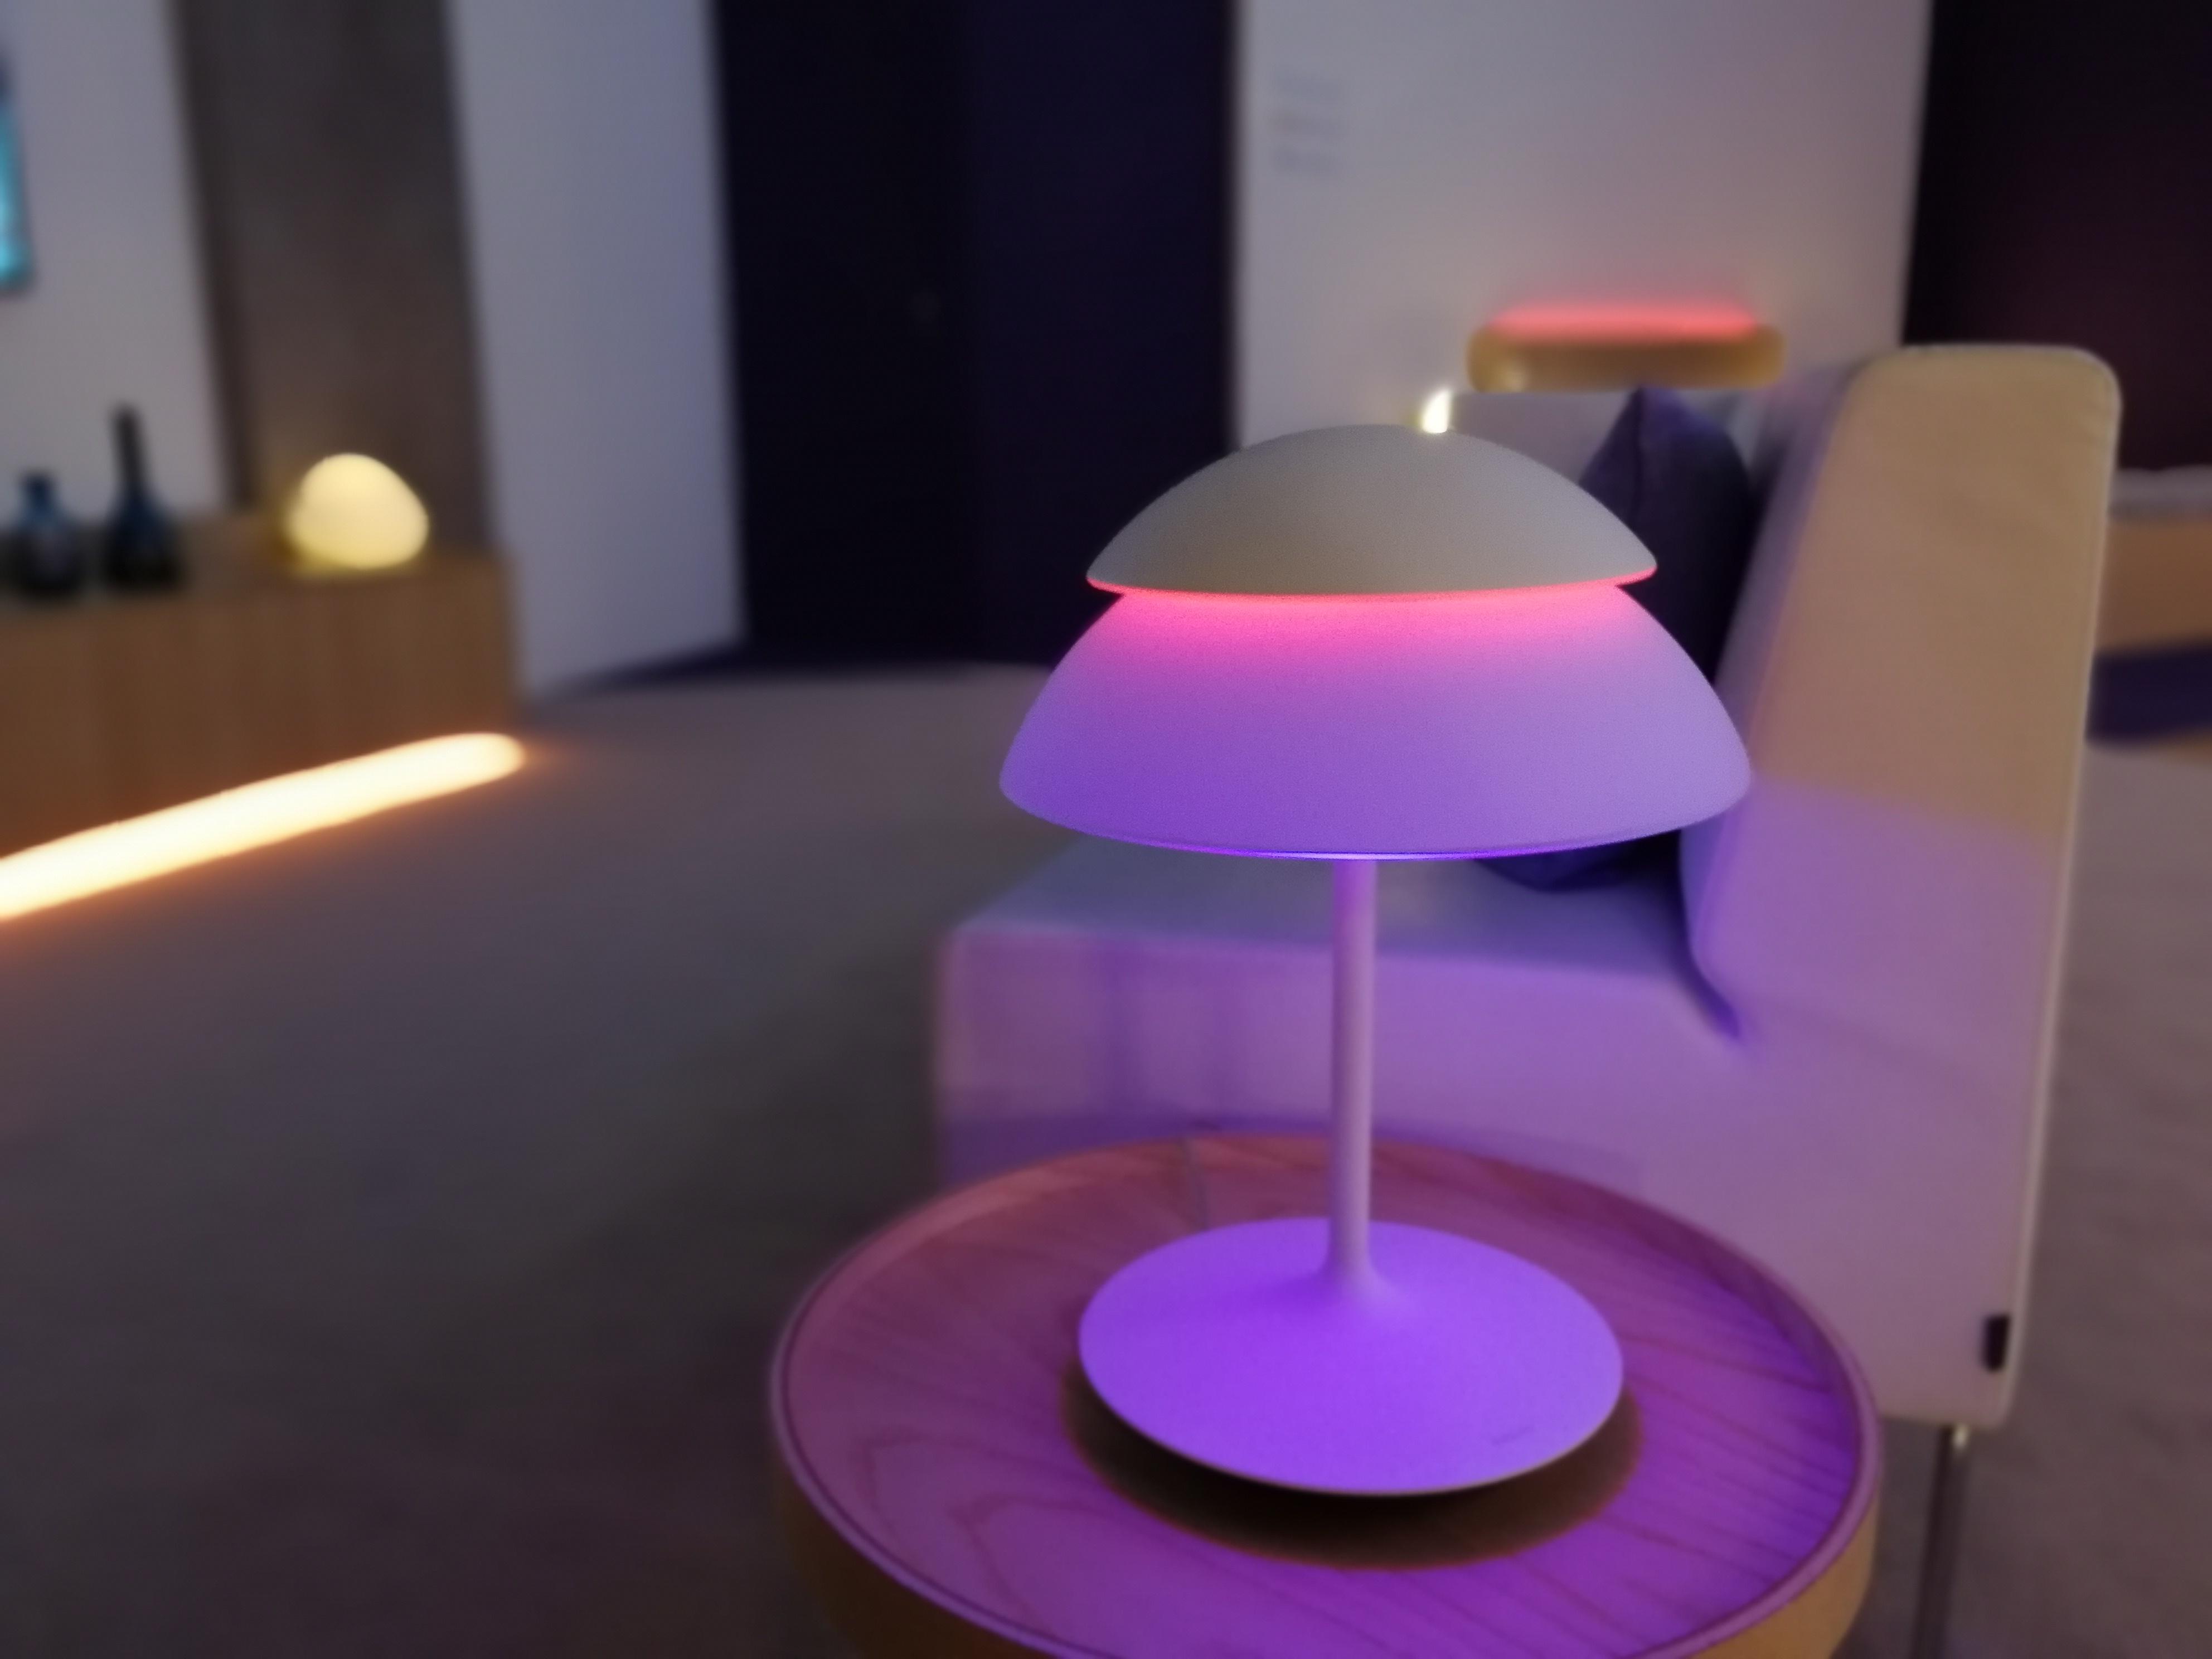 Hue : les ampoules connectées de Philips évoluent – IFA 2017